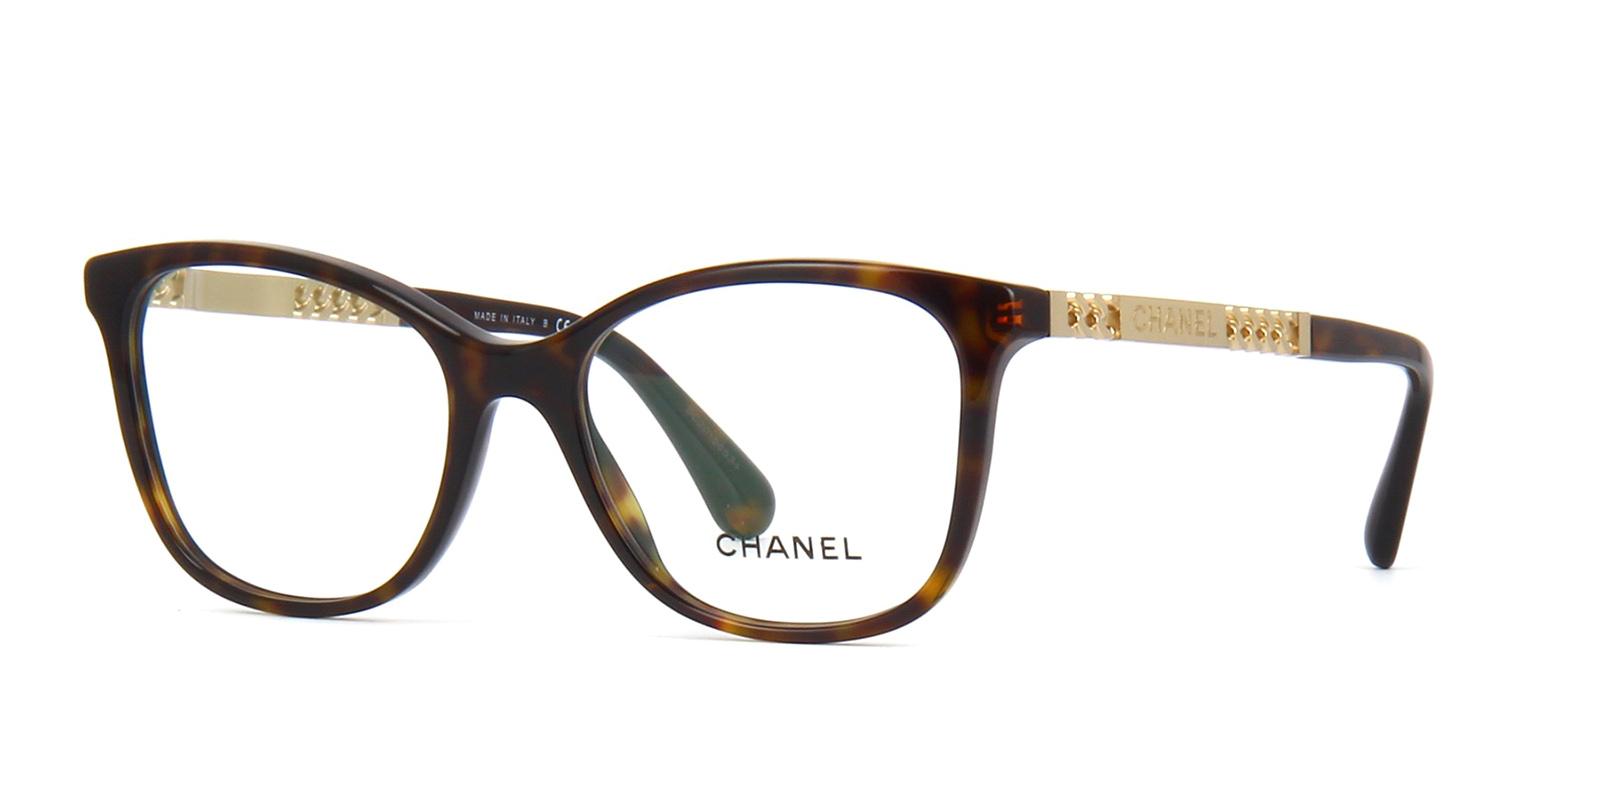 Chanel 3343 Identity Chain Glasses Colour 622